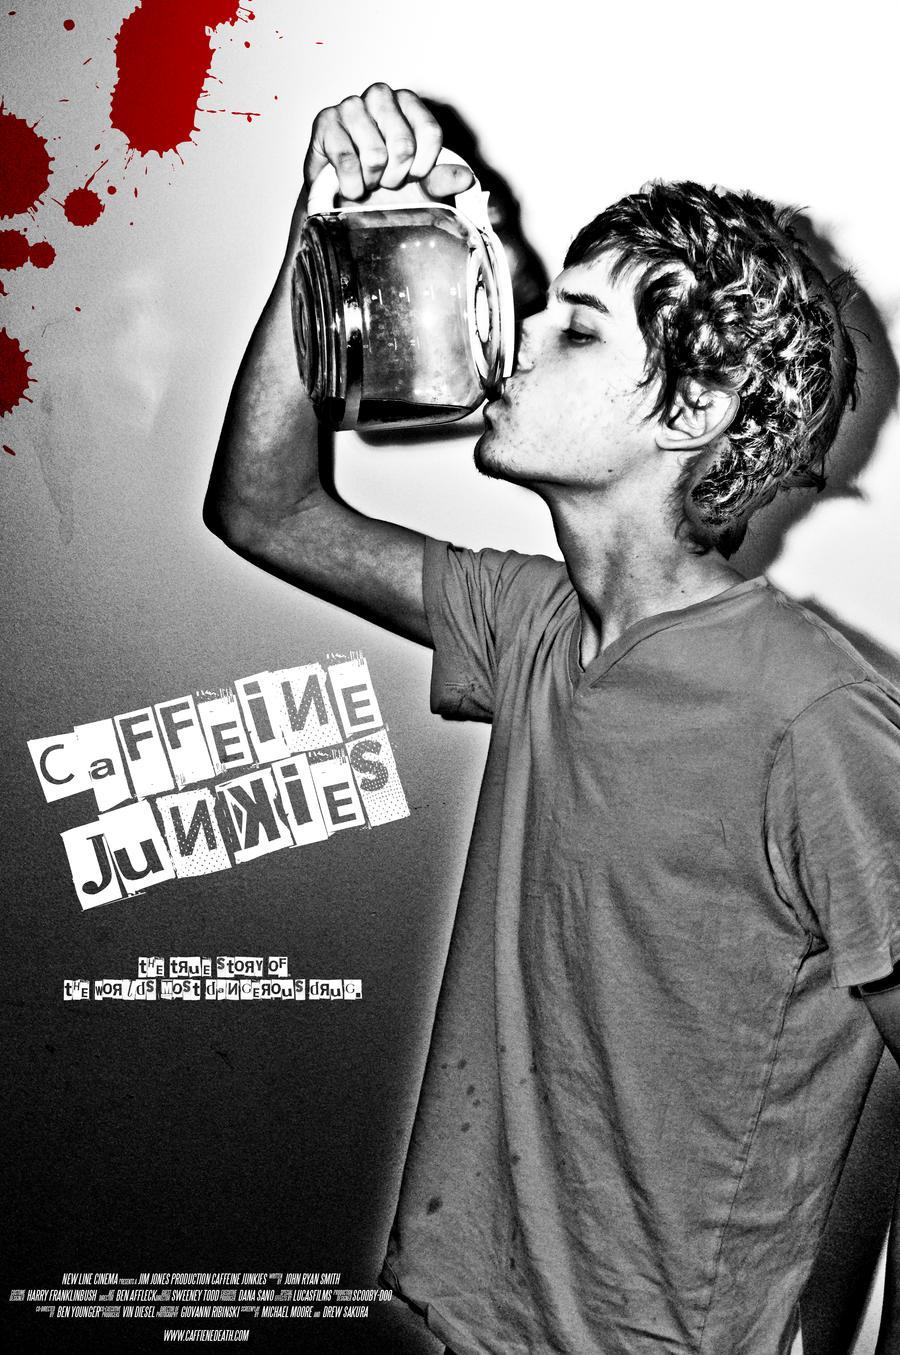 Caffiene Junkies by Jfournames